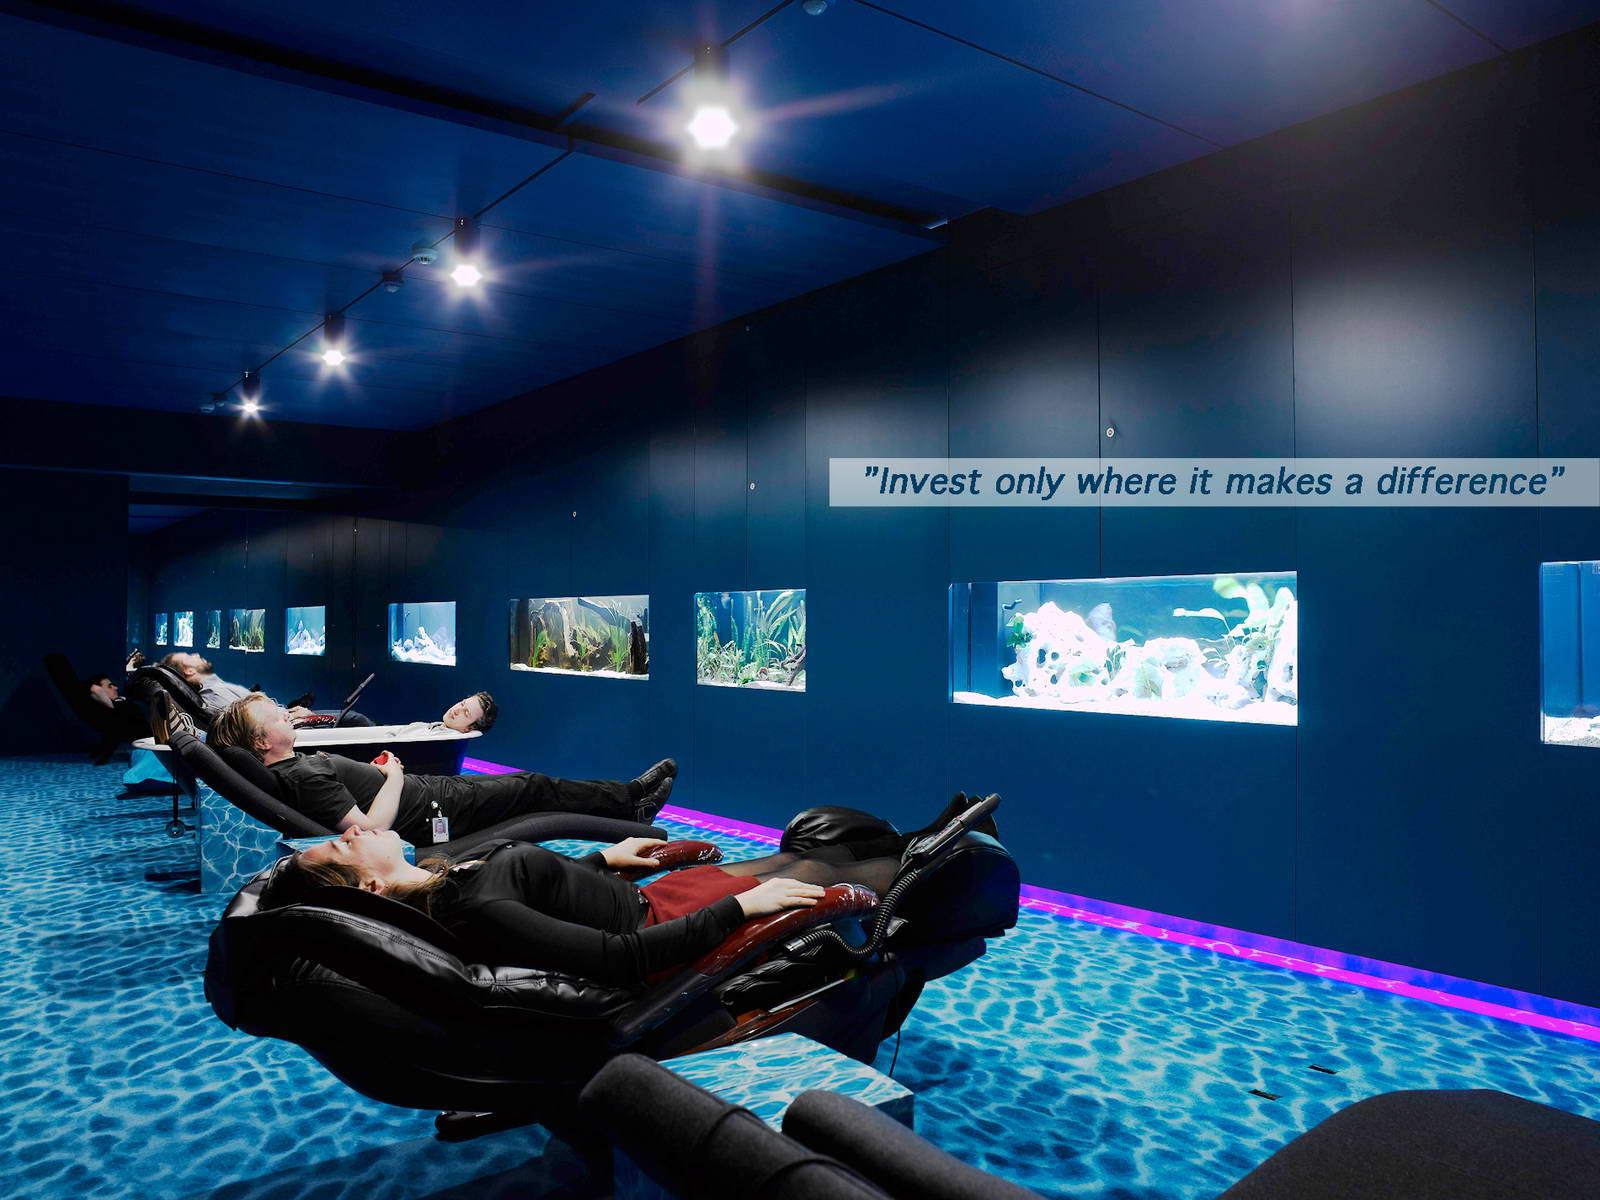 irodai relax szoba akváriummal